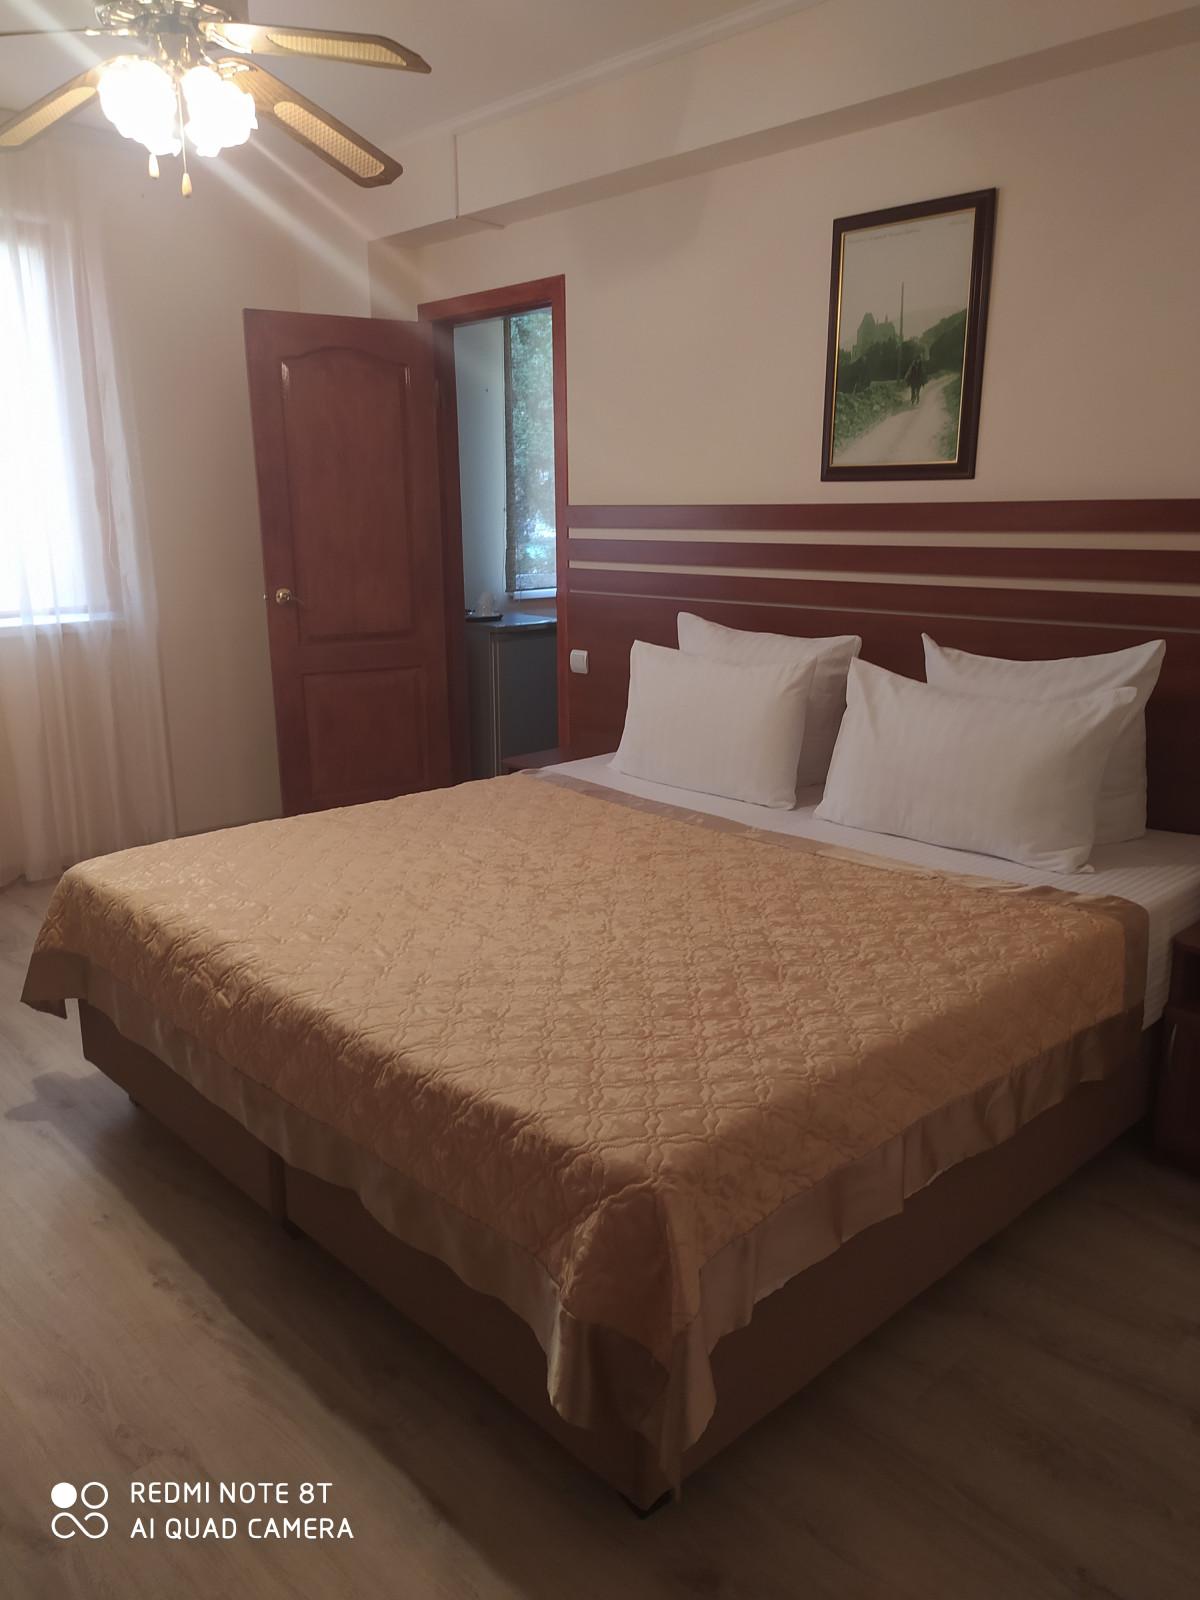 Крым Утес гостиница Парадиз номер Стандарт с видом на гостиницы без балкона